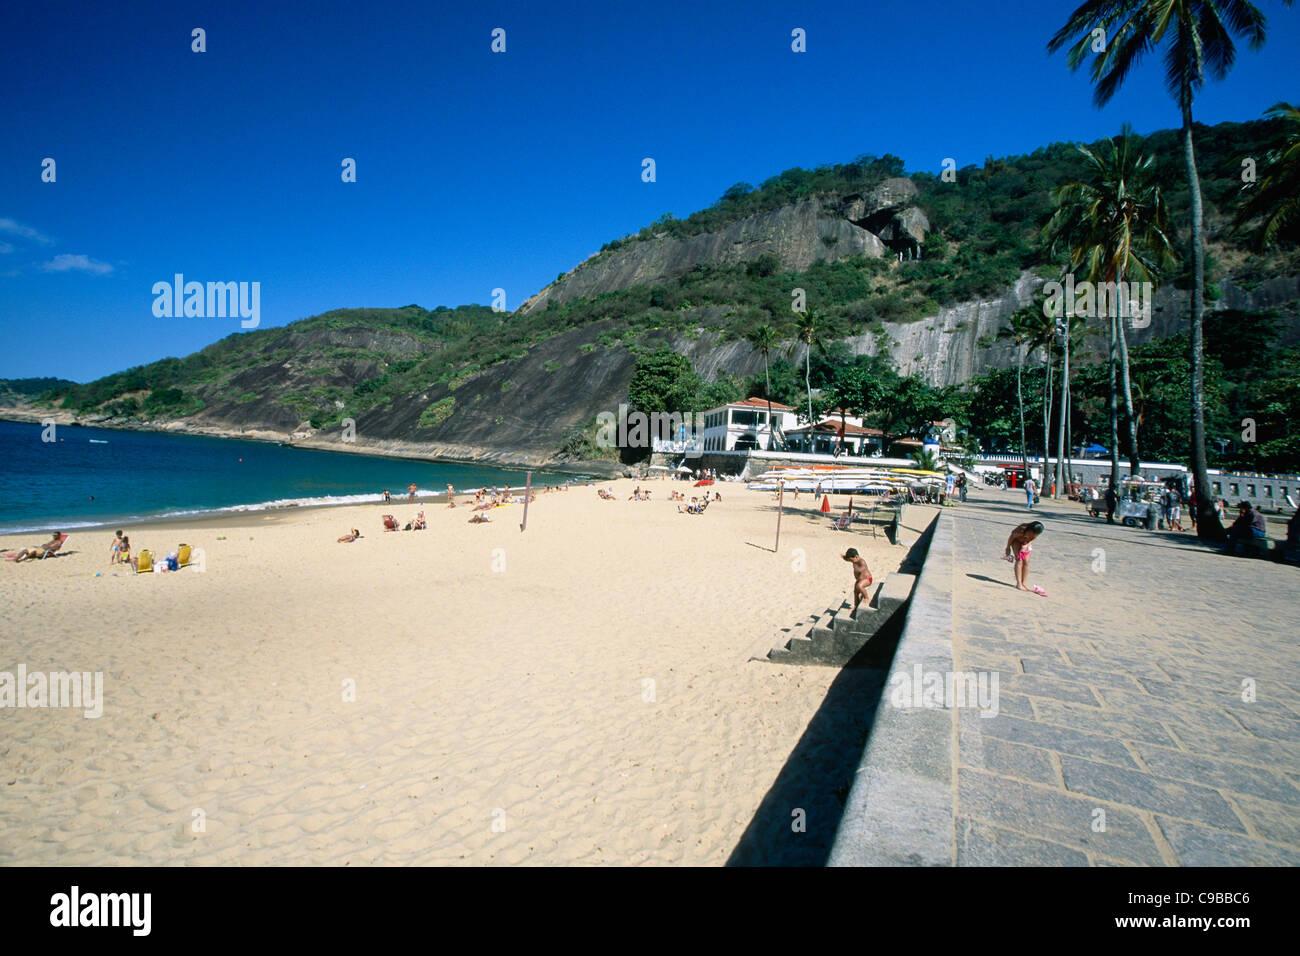 Vermelha Beach, Rio de Janeiro, Brazil - Stock Image